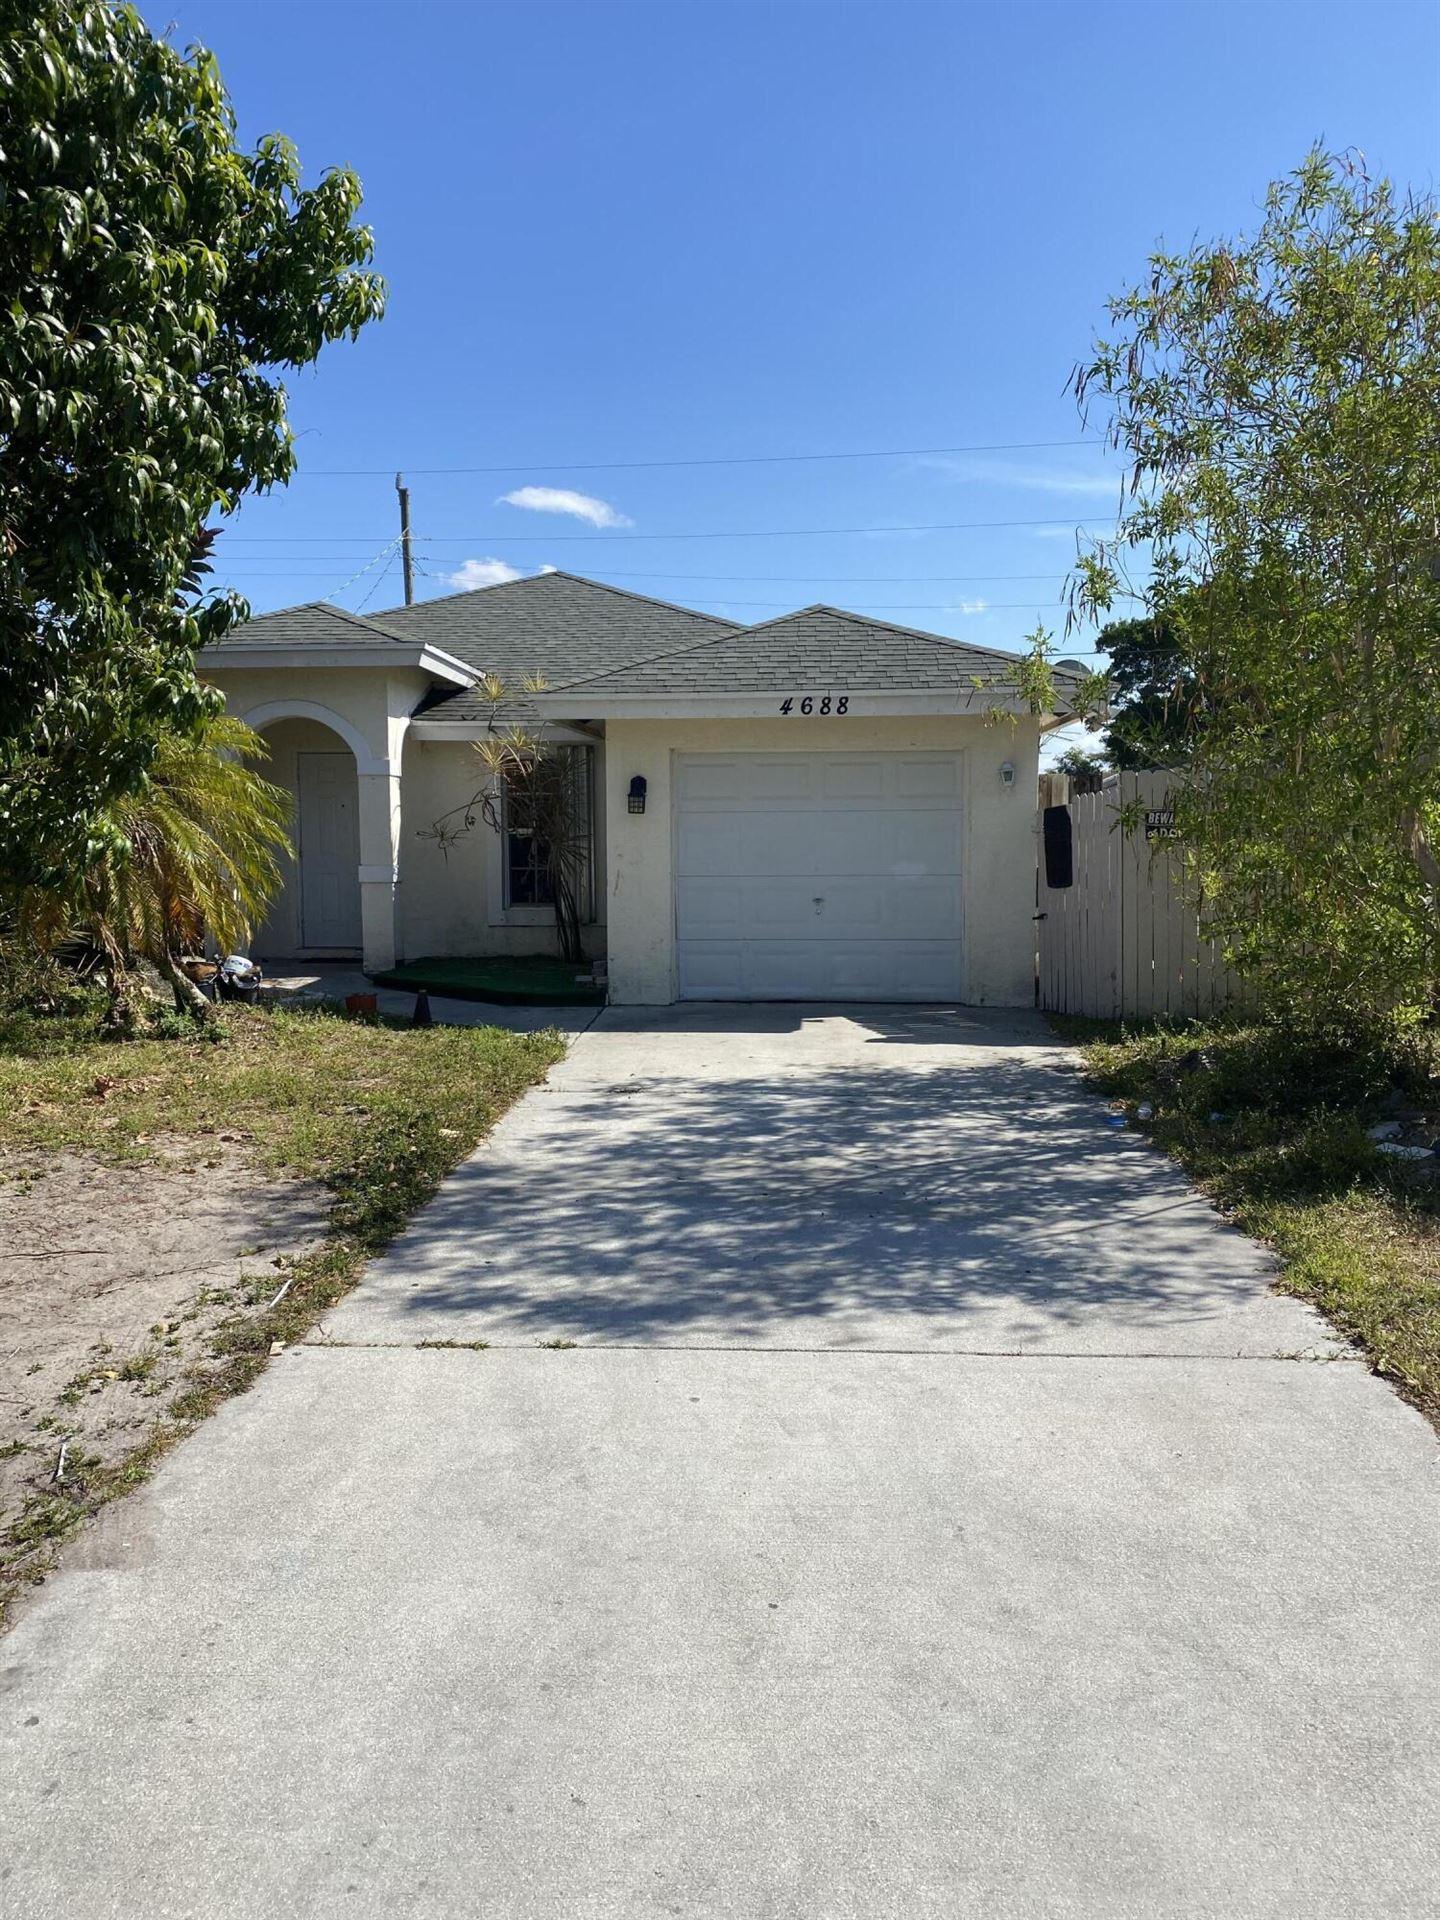 4688 Todd Street, Lake Worth, FL 33463 - #: RX-10706100